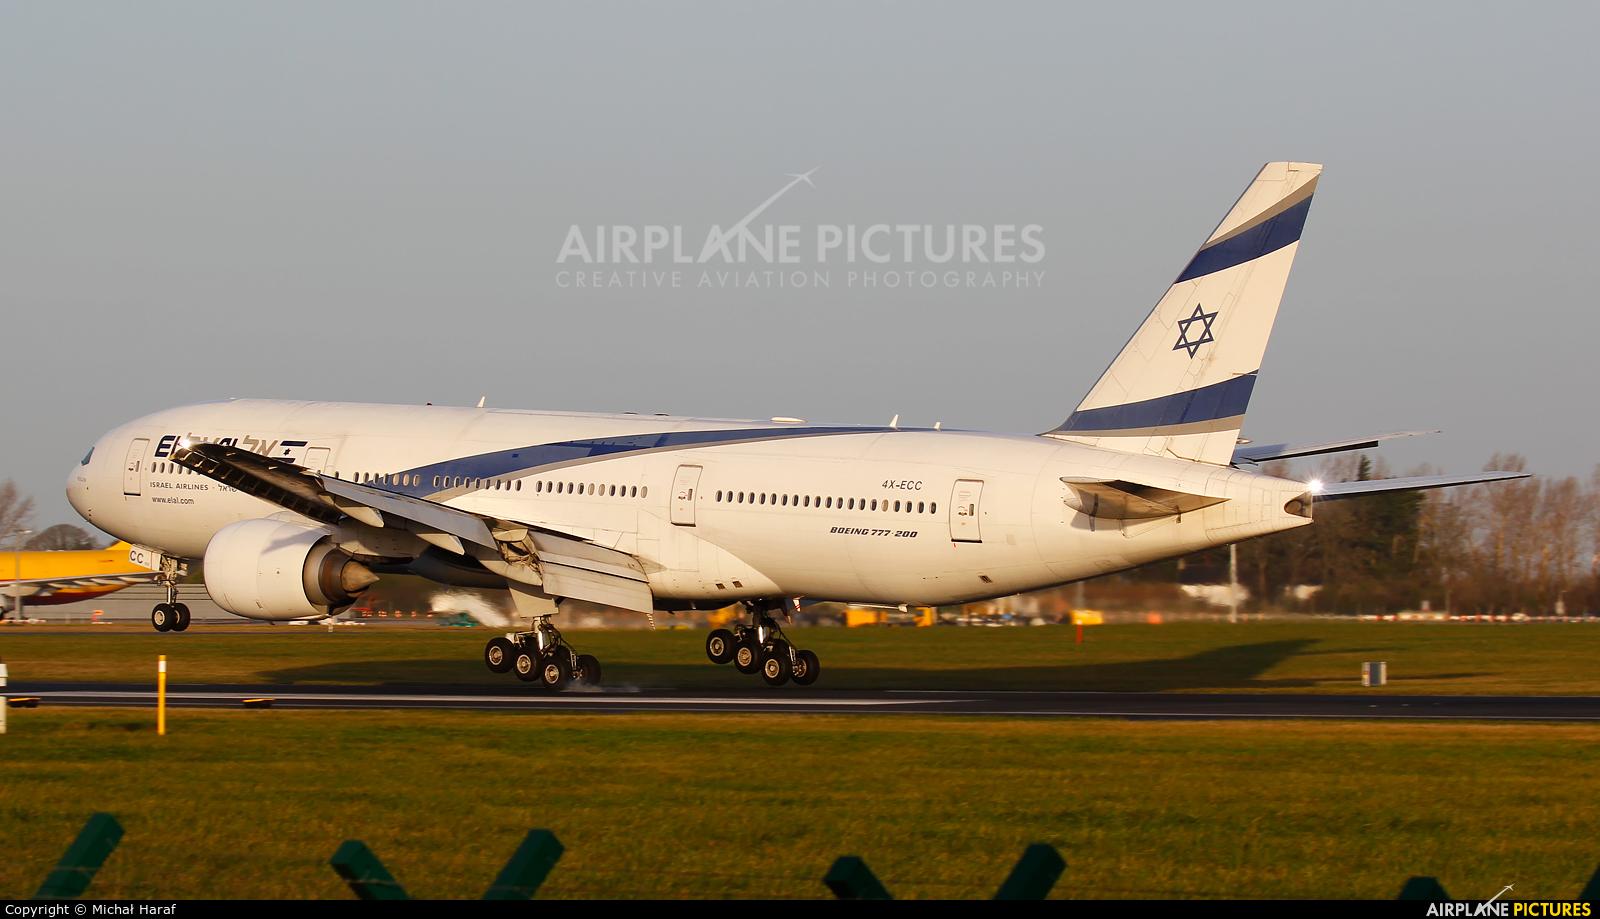 El Al Israel Airlines 4X-ECC aircraft at Dublin